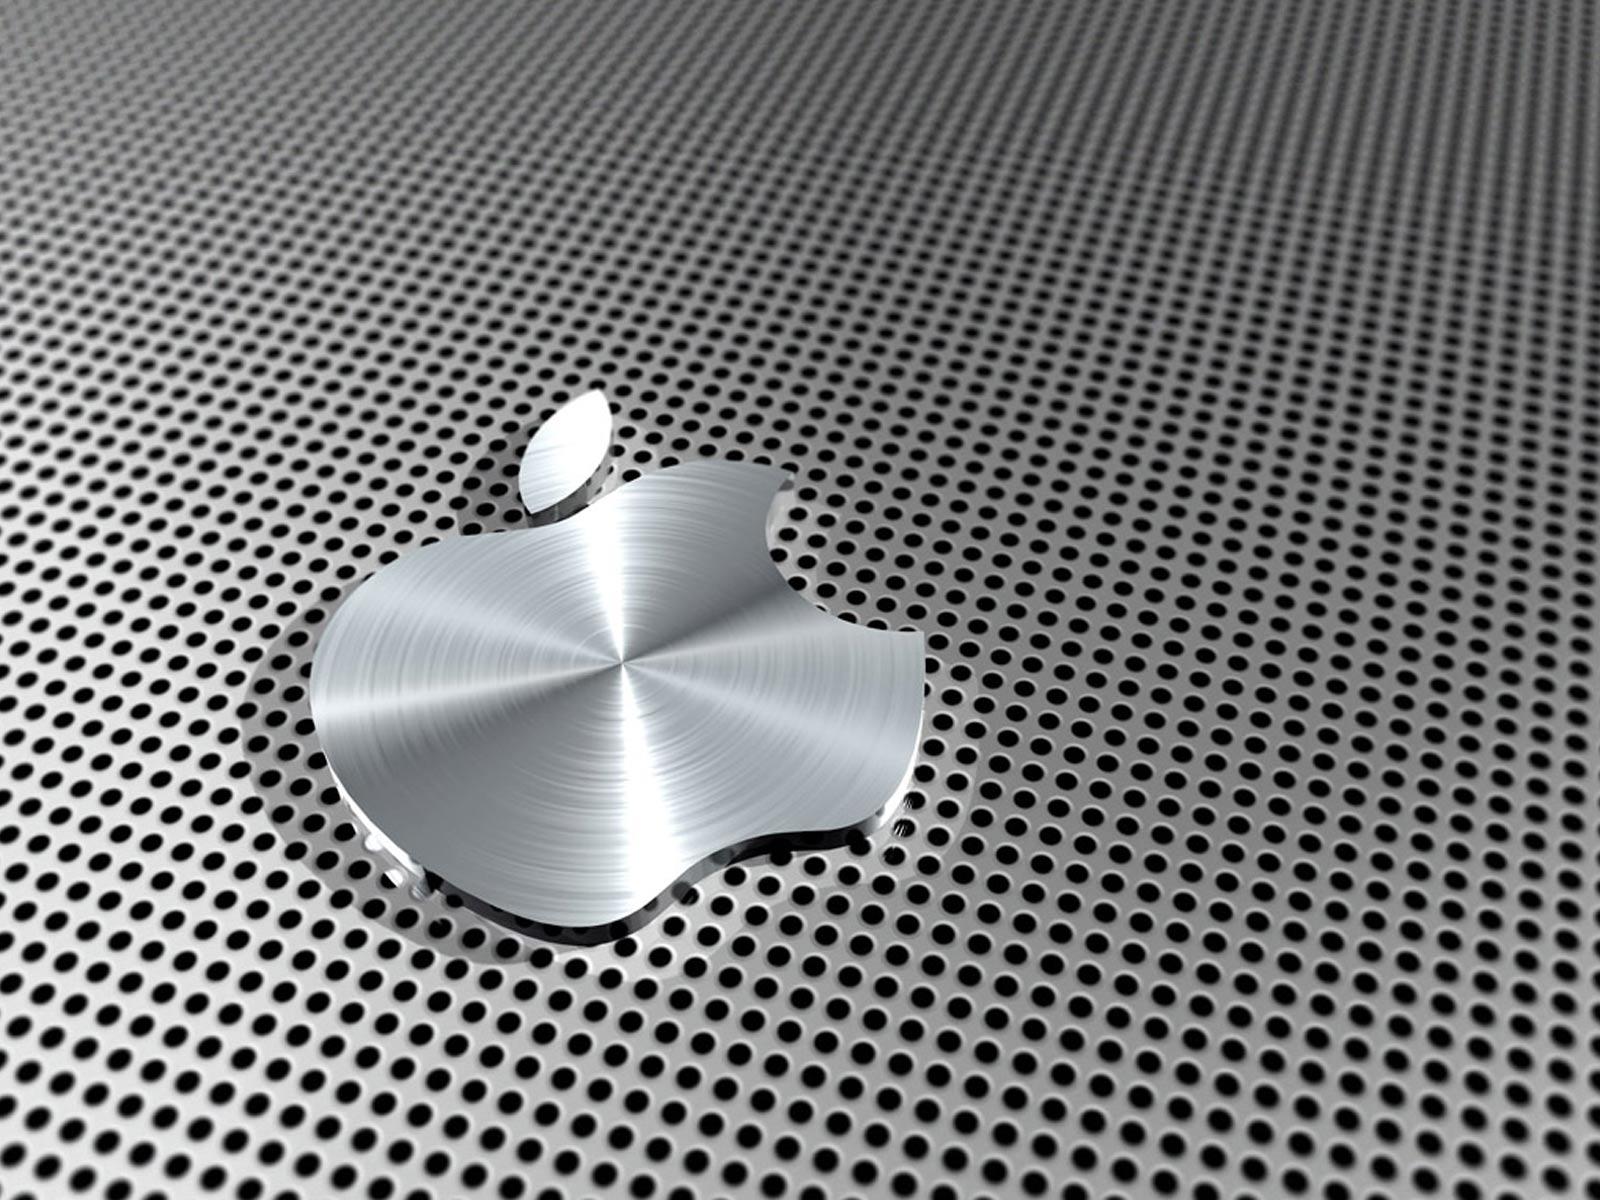 aluminium wallpaper mac   dwitongelu